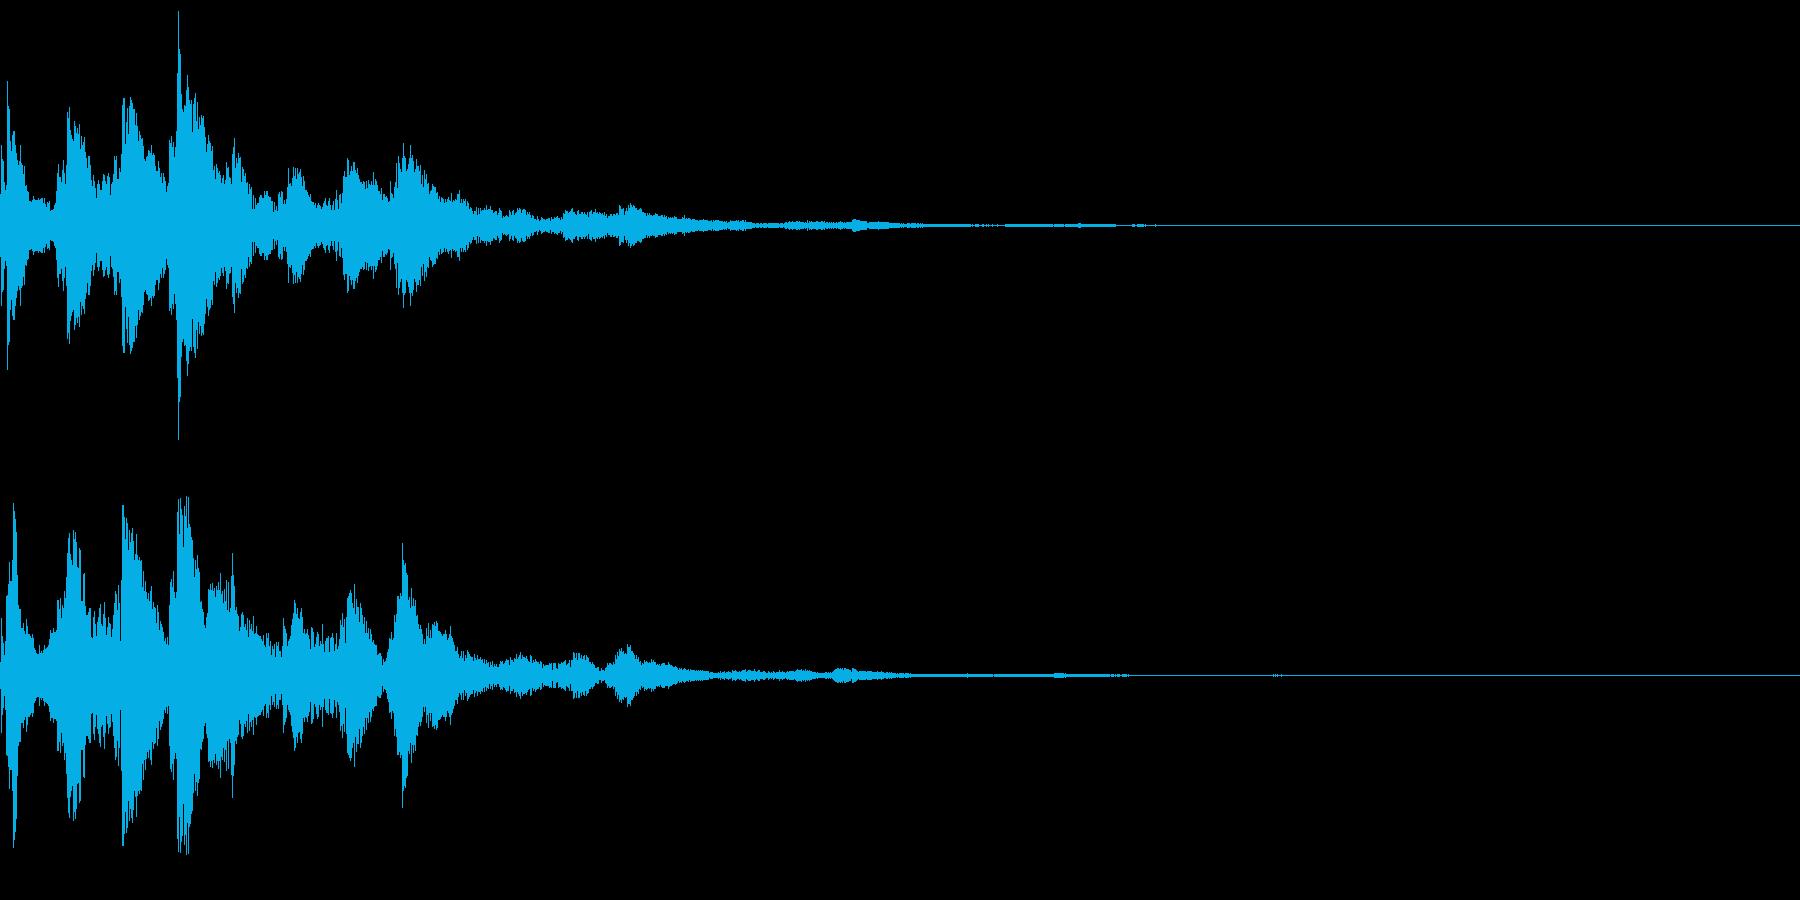 システム音44_シンセCIの再生済みの波形